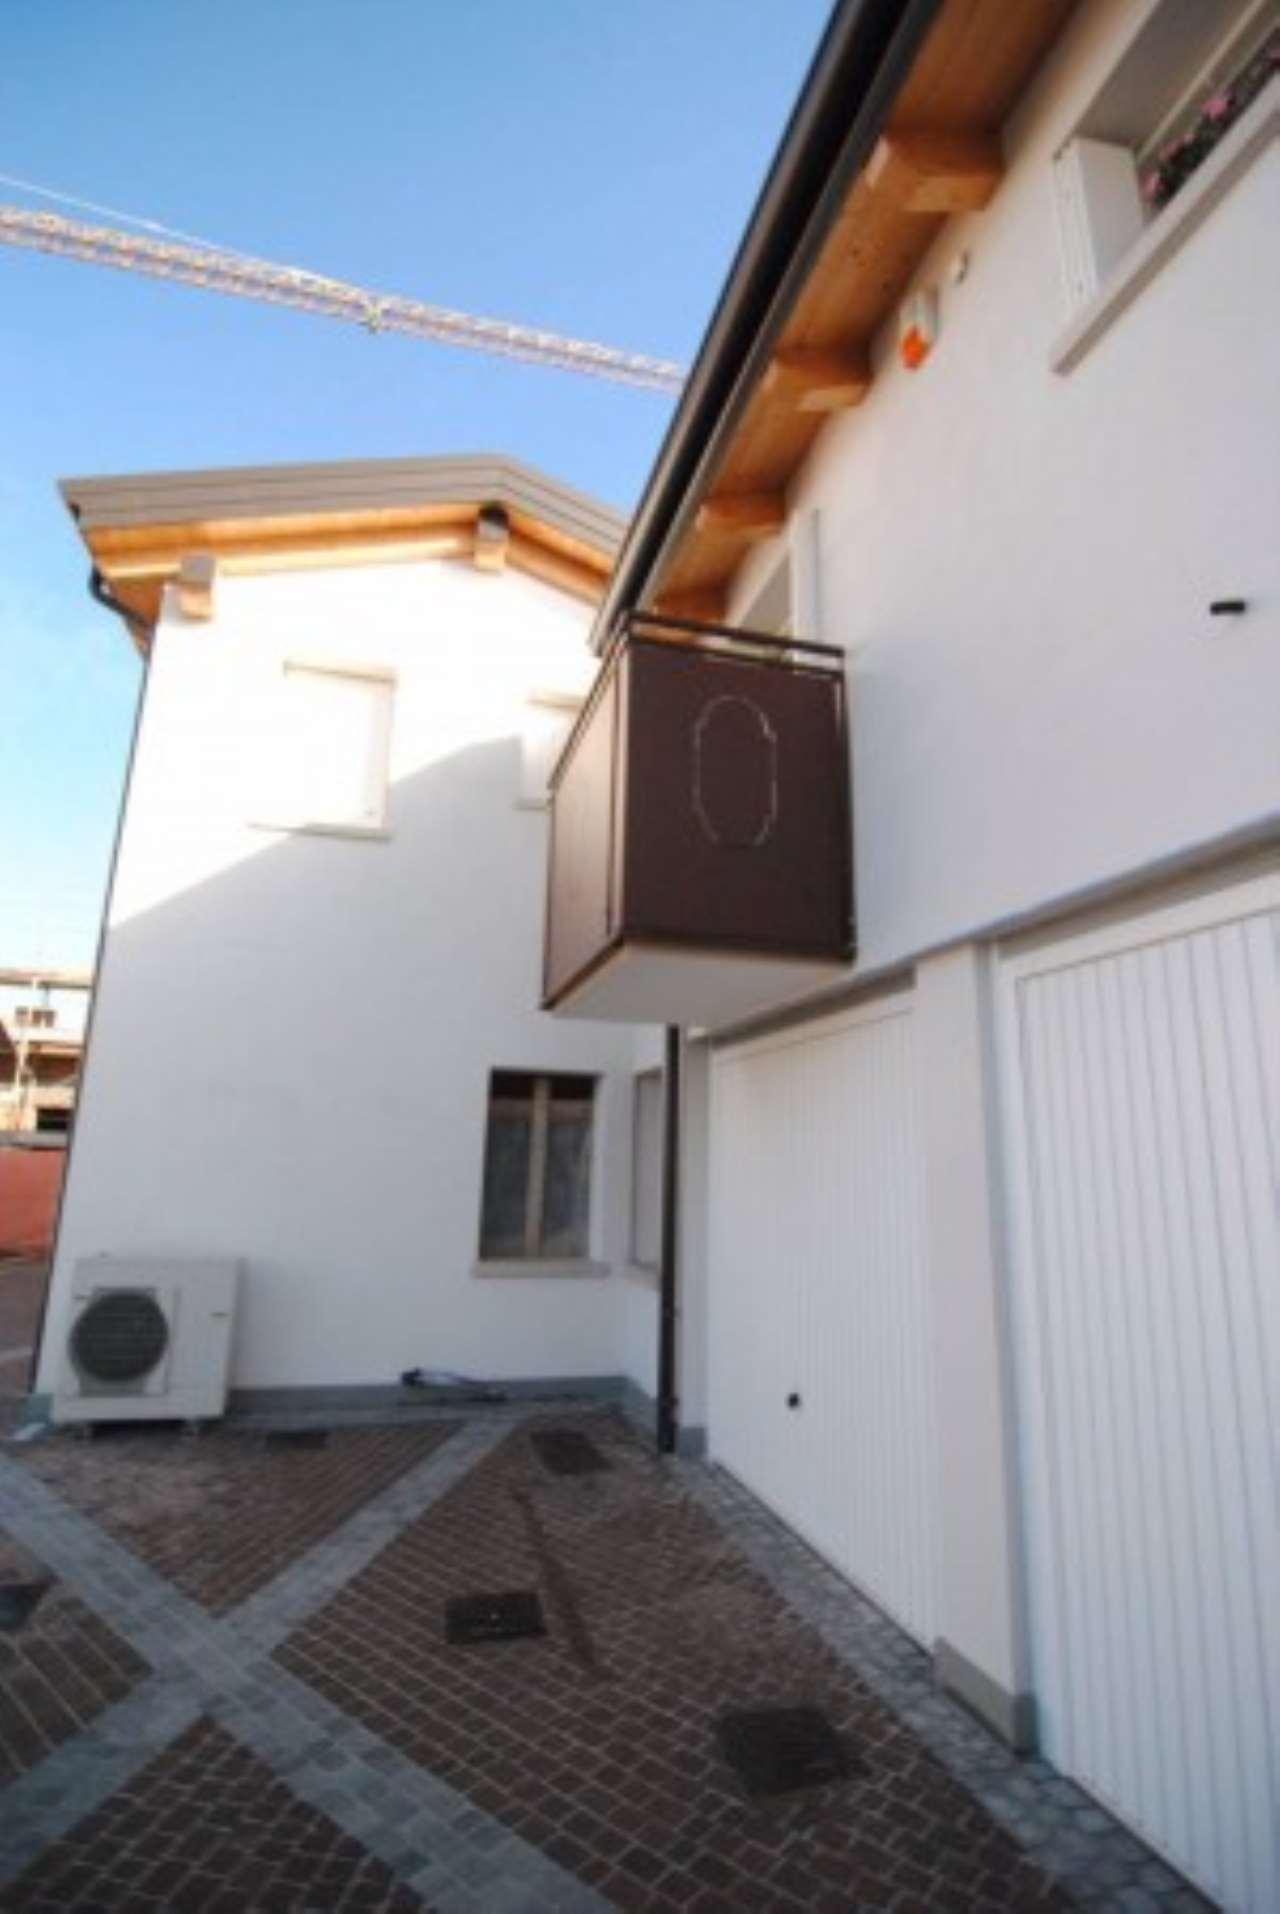 Attico / Mansarda in vendita a Mirano, 4 locali, prezzo € 210.000 | CambioCasa.it